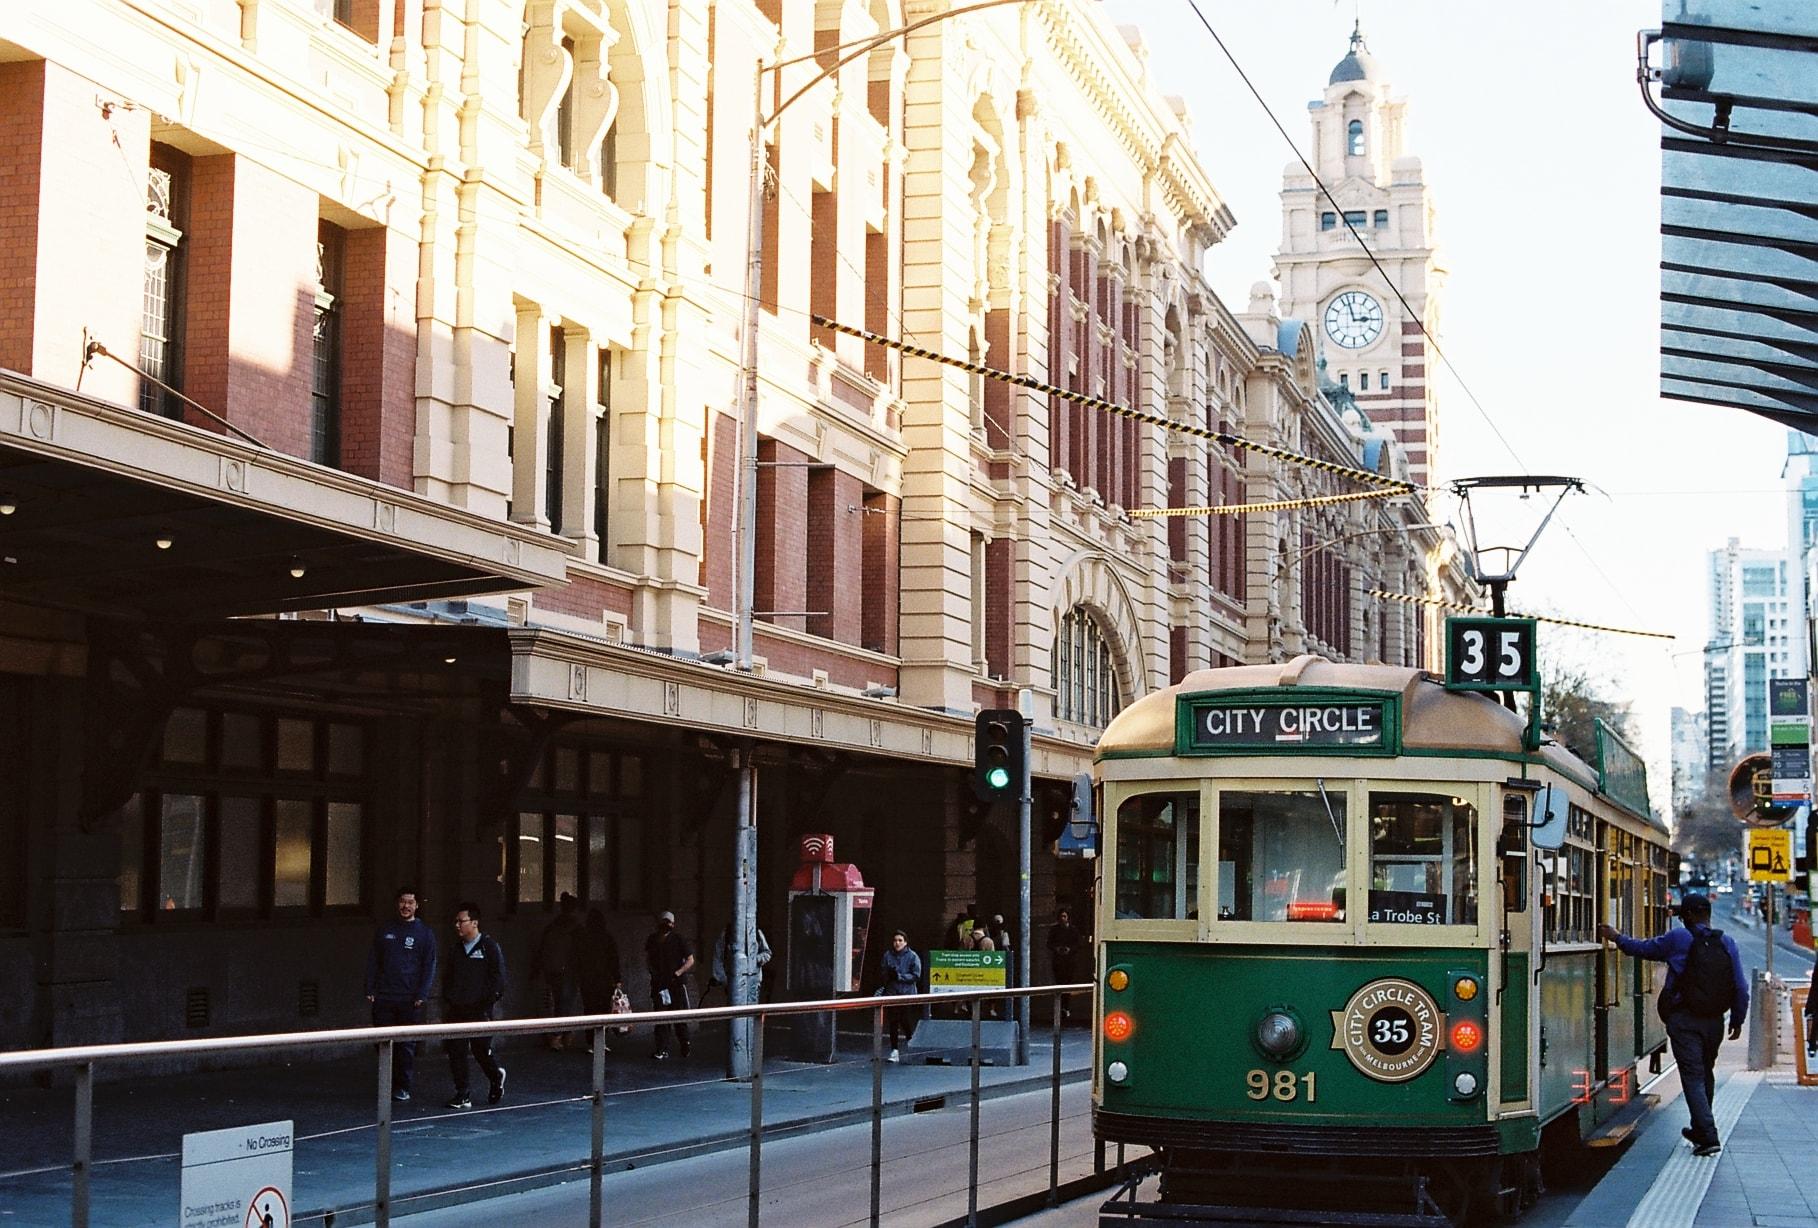 Tram - Phương tiện công cộng được yêu thích ở Úc